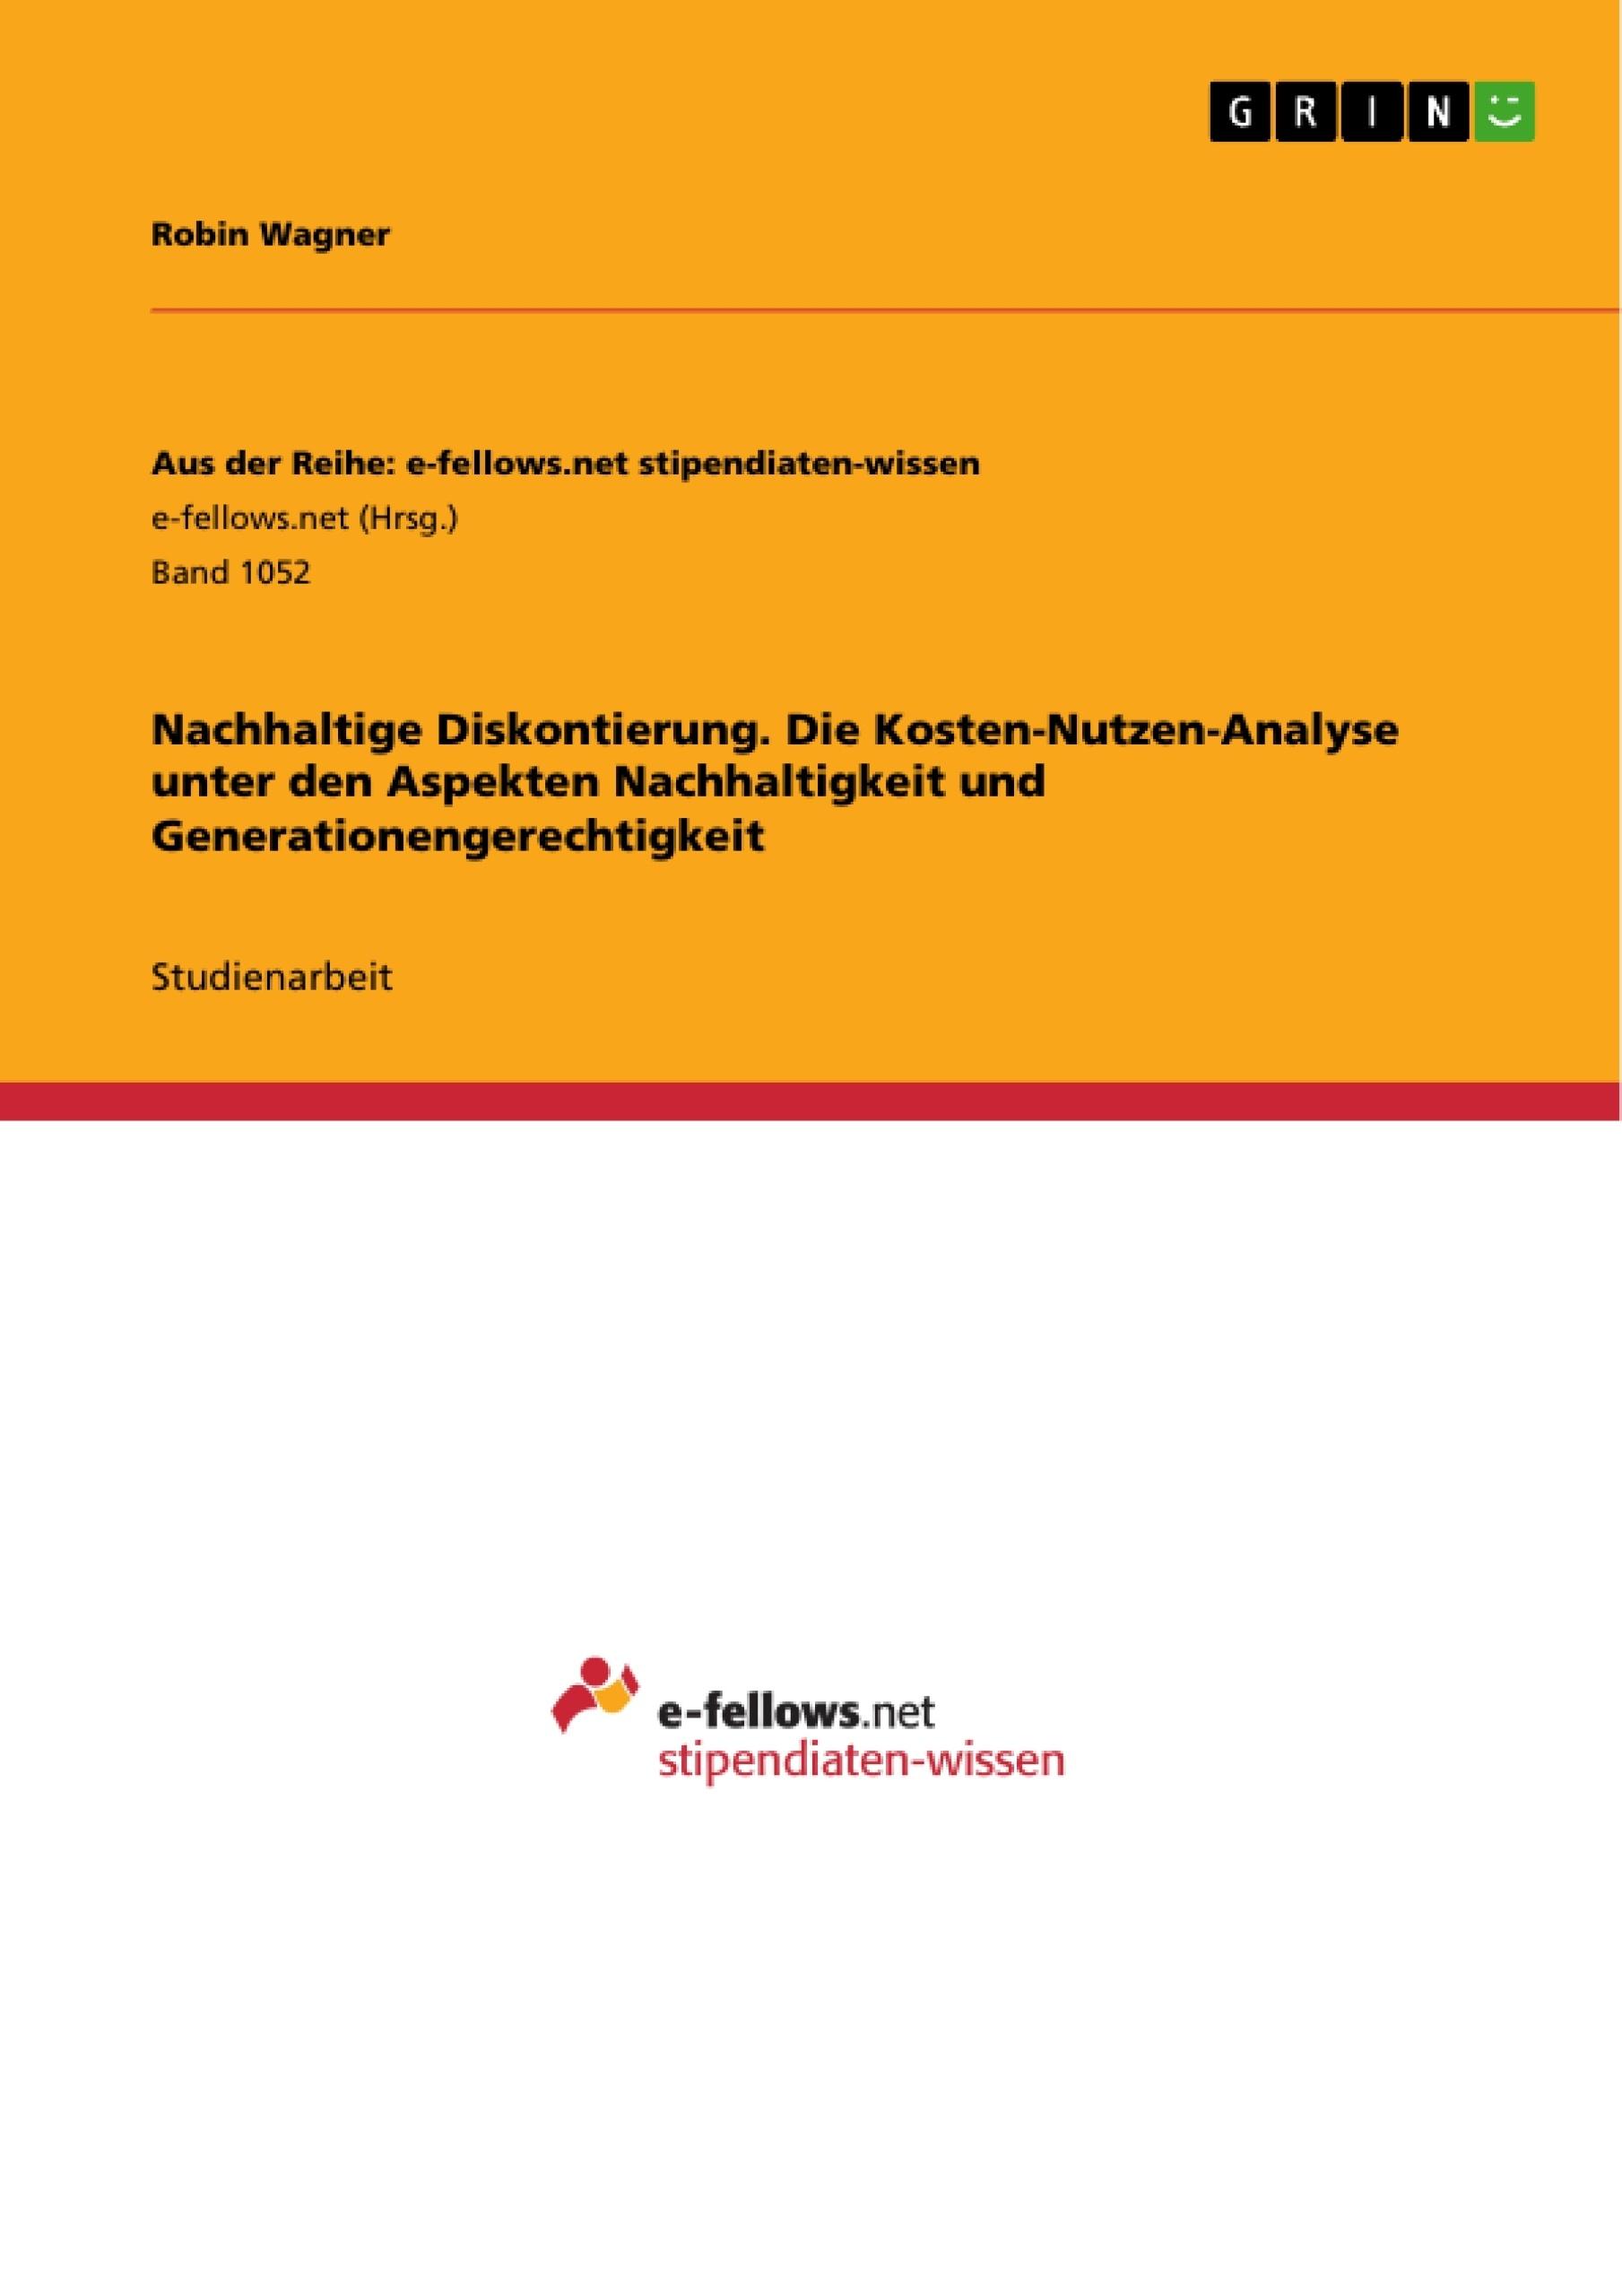 Titel: Nachhaltige Diskontierung. Die Kosten-Nutzen-Analyse unter den Aspekten Nachhaltigkeit und Generationengerechtigkeit